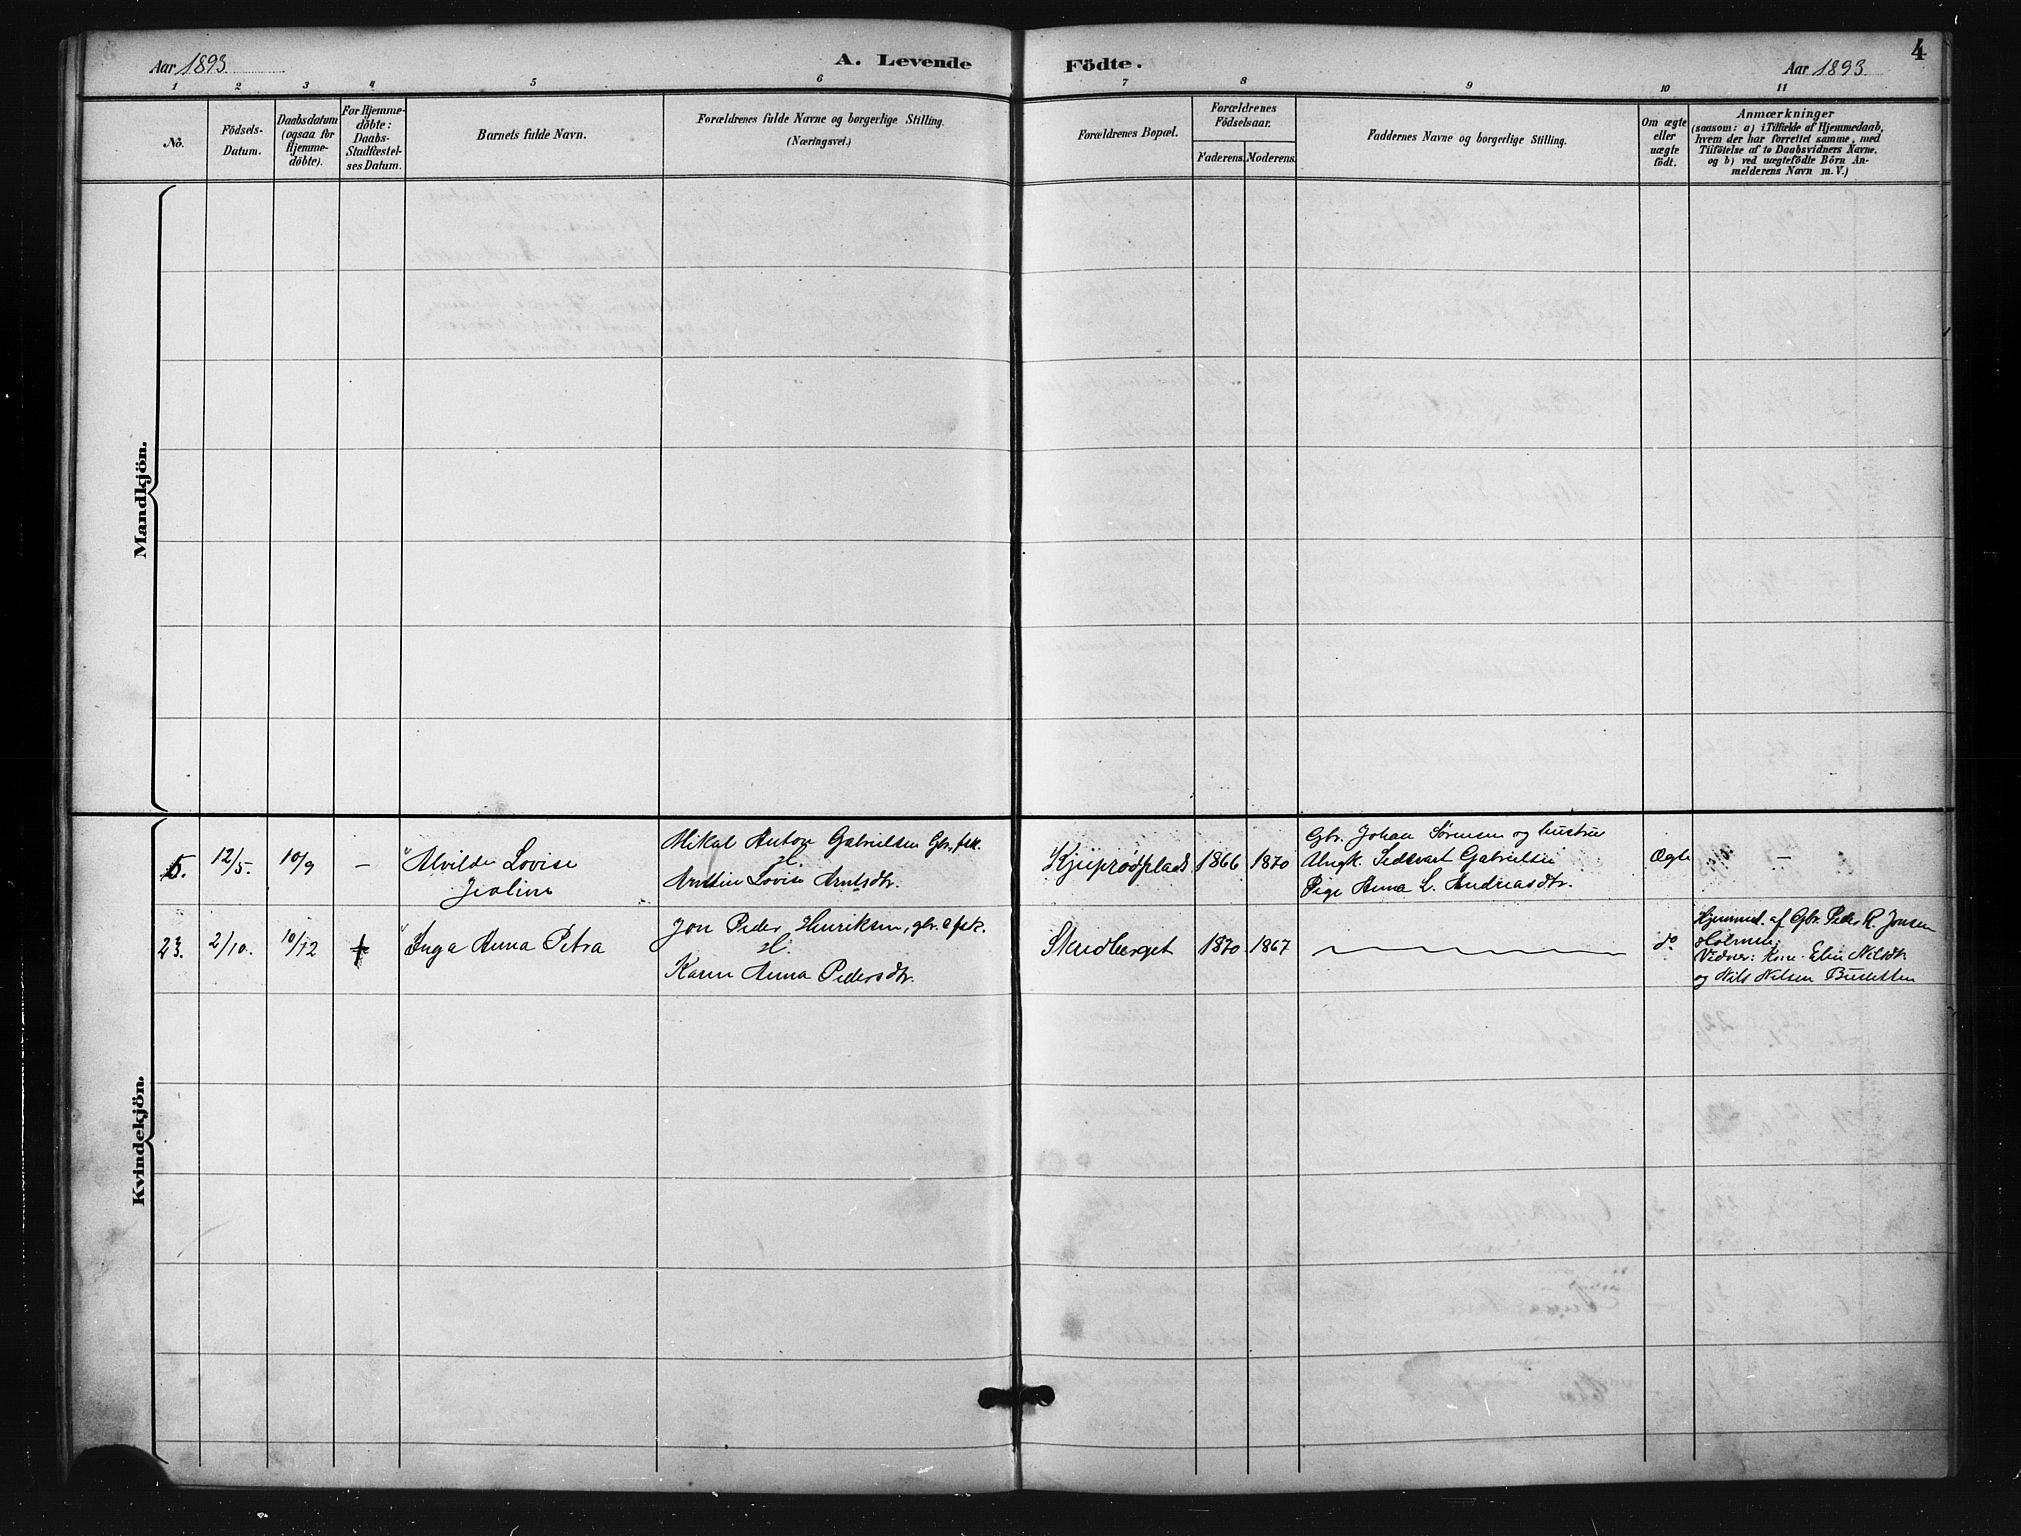 SATØ, Salangen sokneprestembete, H/Ha/L0001klokker: Klokkerbok nr. 1, 1893-1910, s. 4